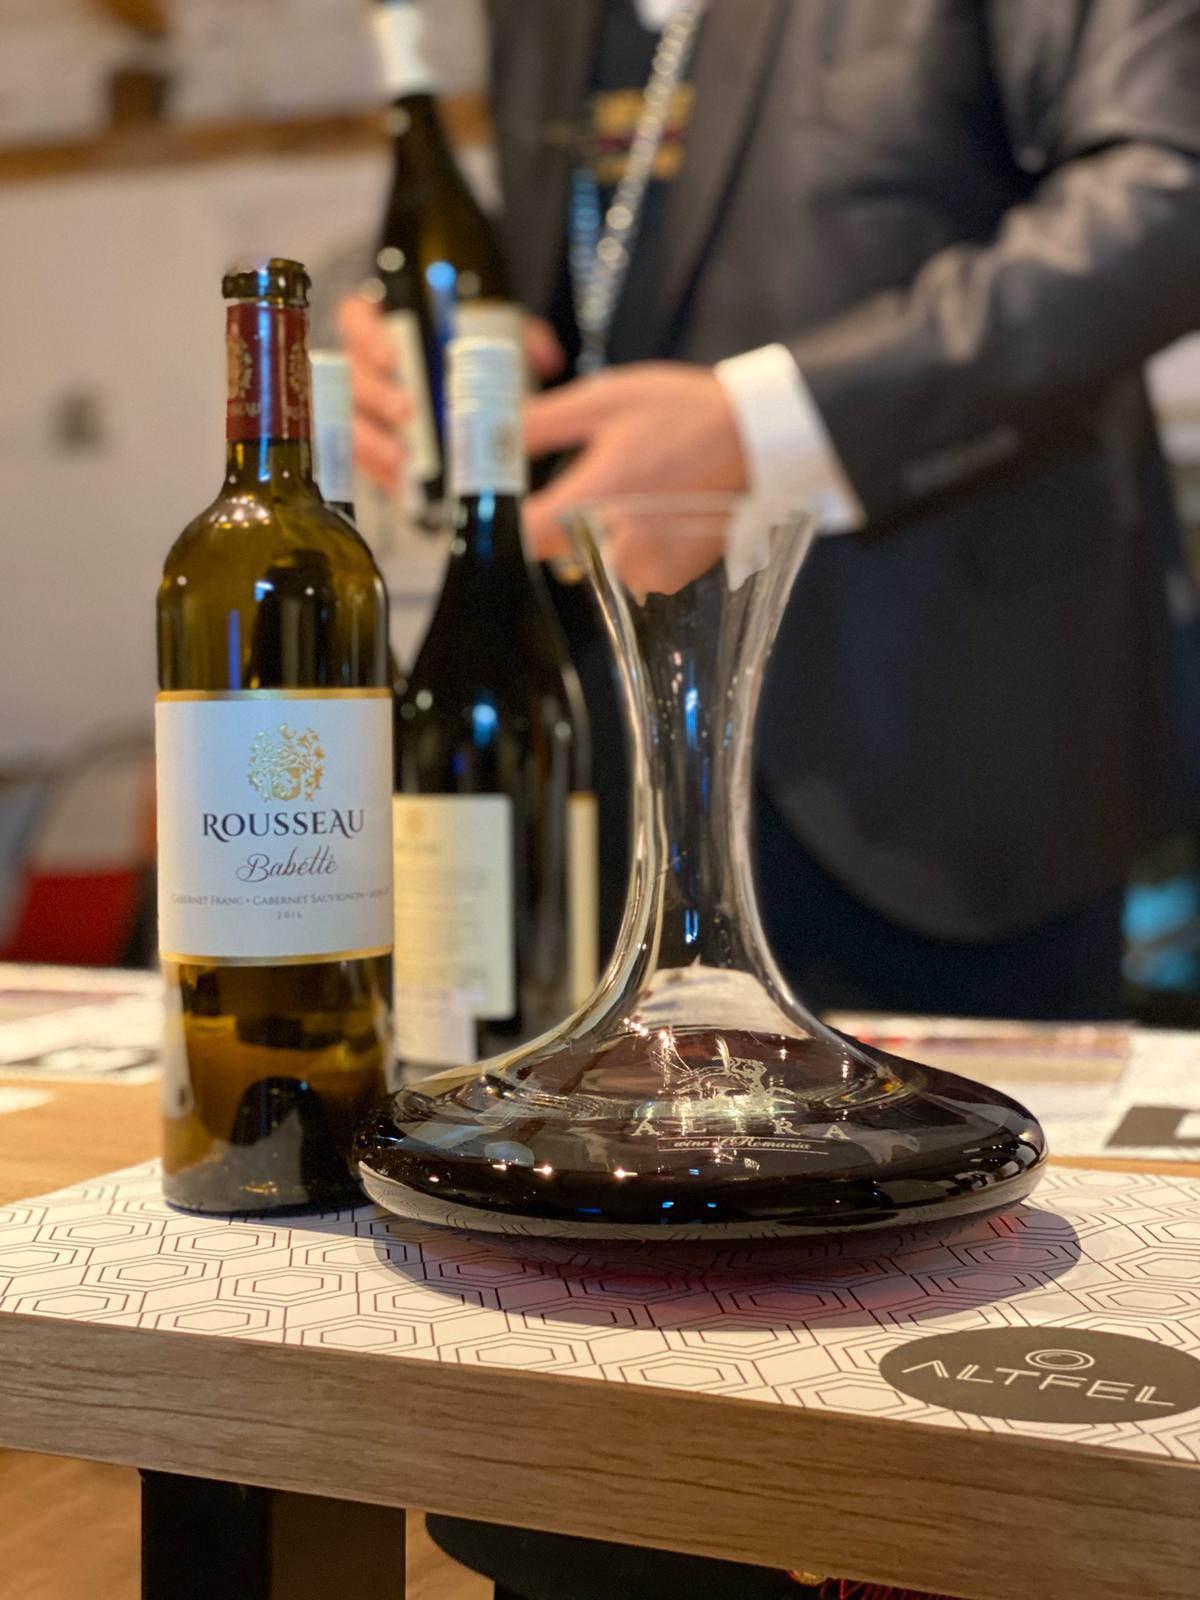 Degustare de vinuri din Lumea Noua-Rousseau Wines,un triptic senzorial Sud African